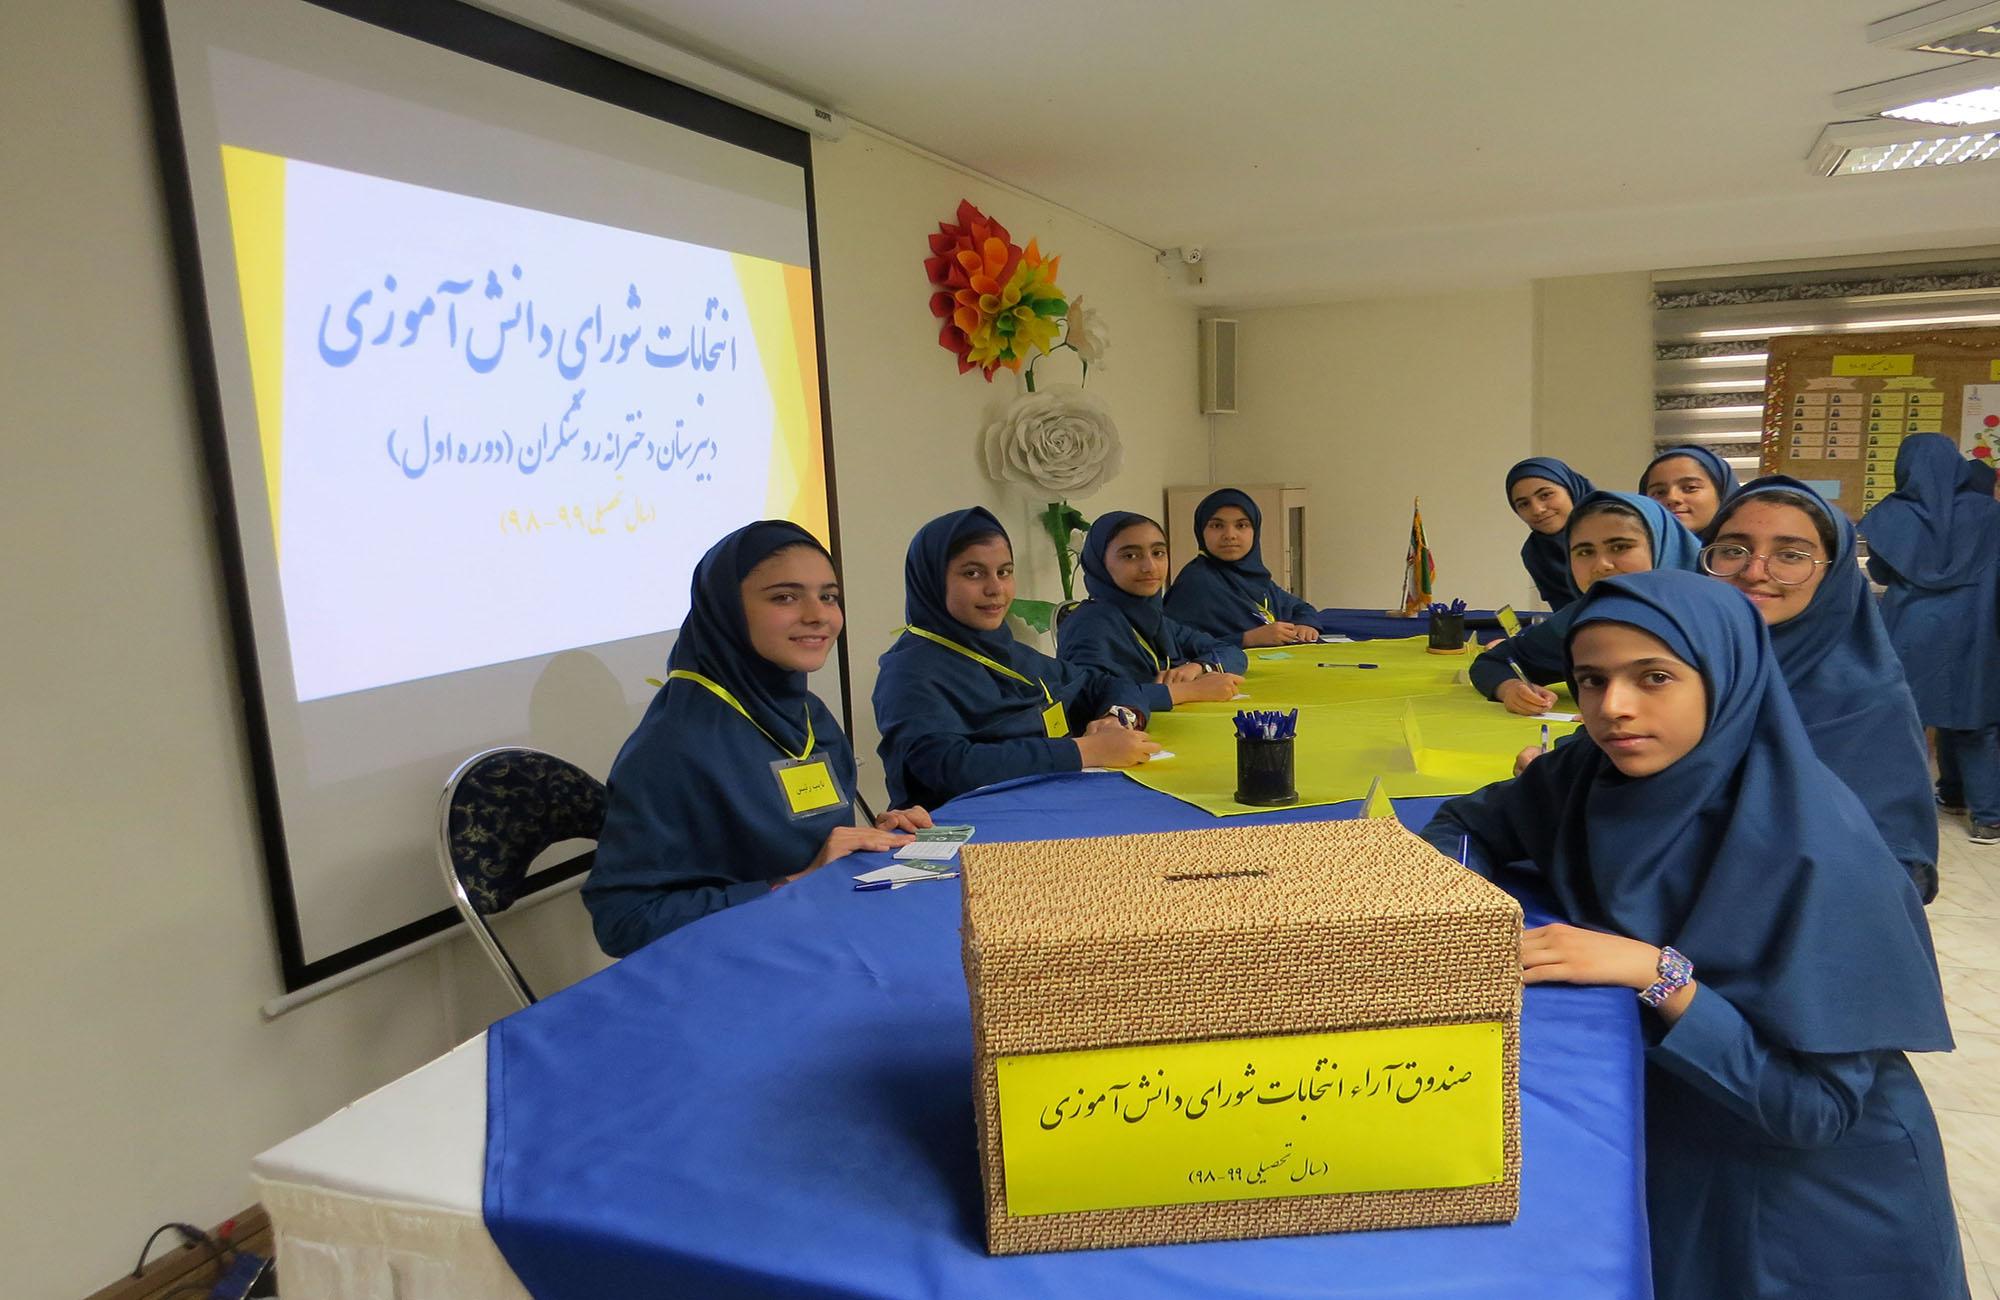 انتخابات شورای دانش آموزی (1)